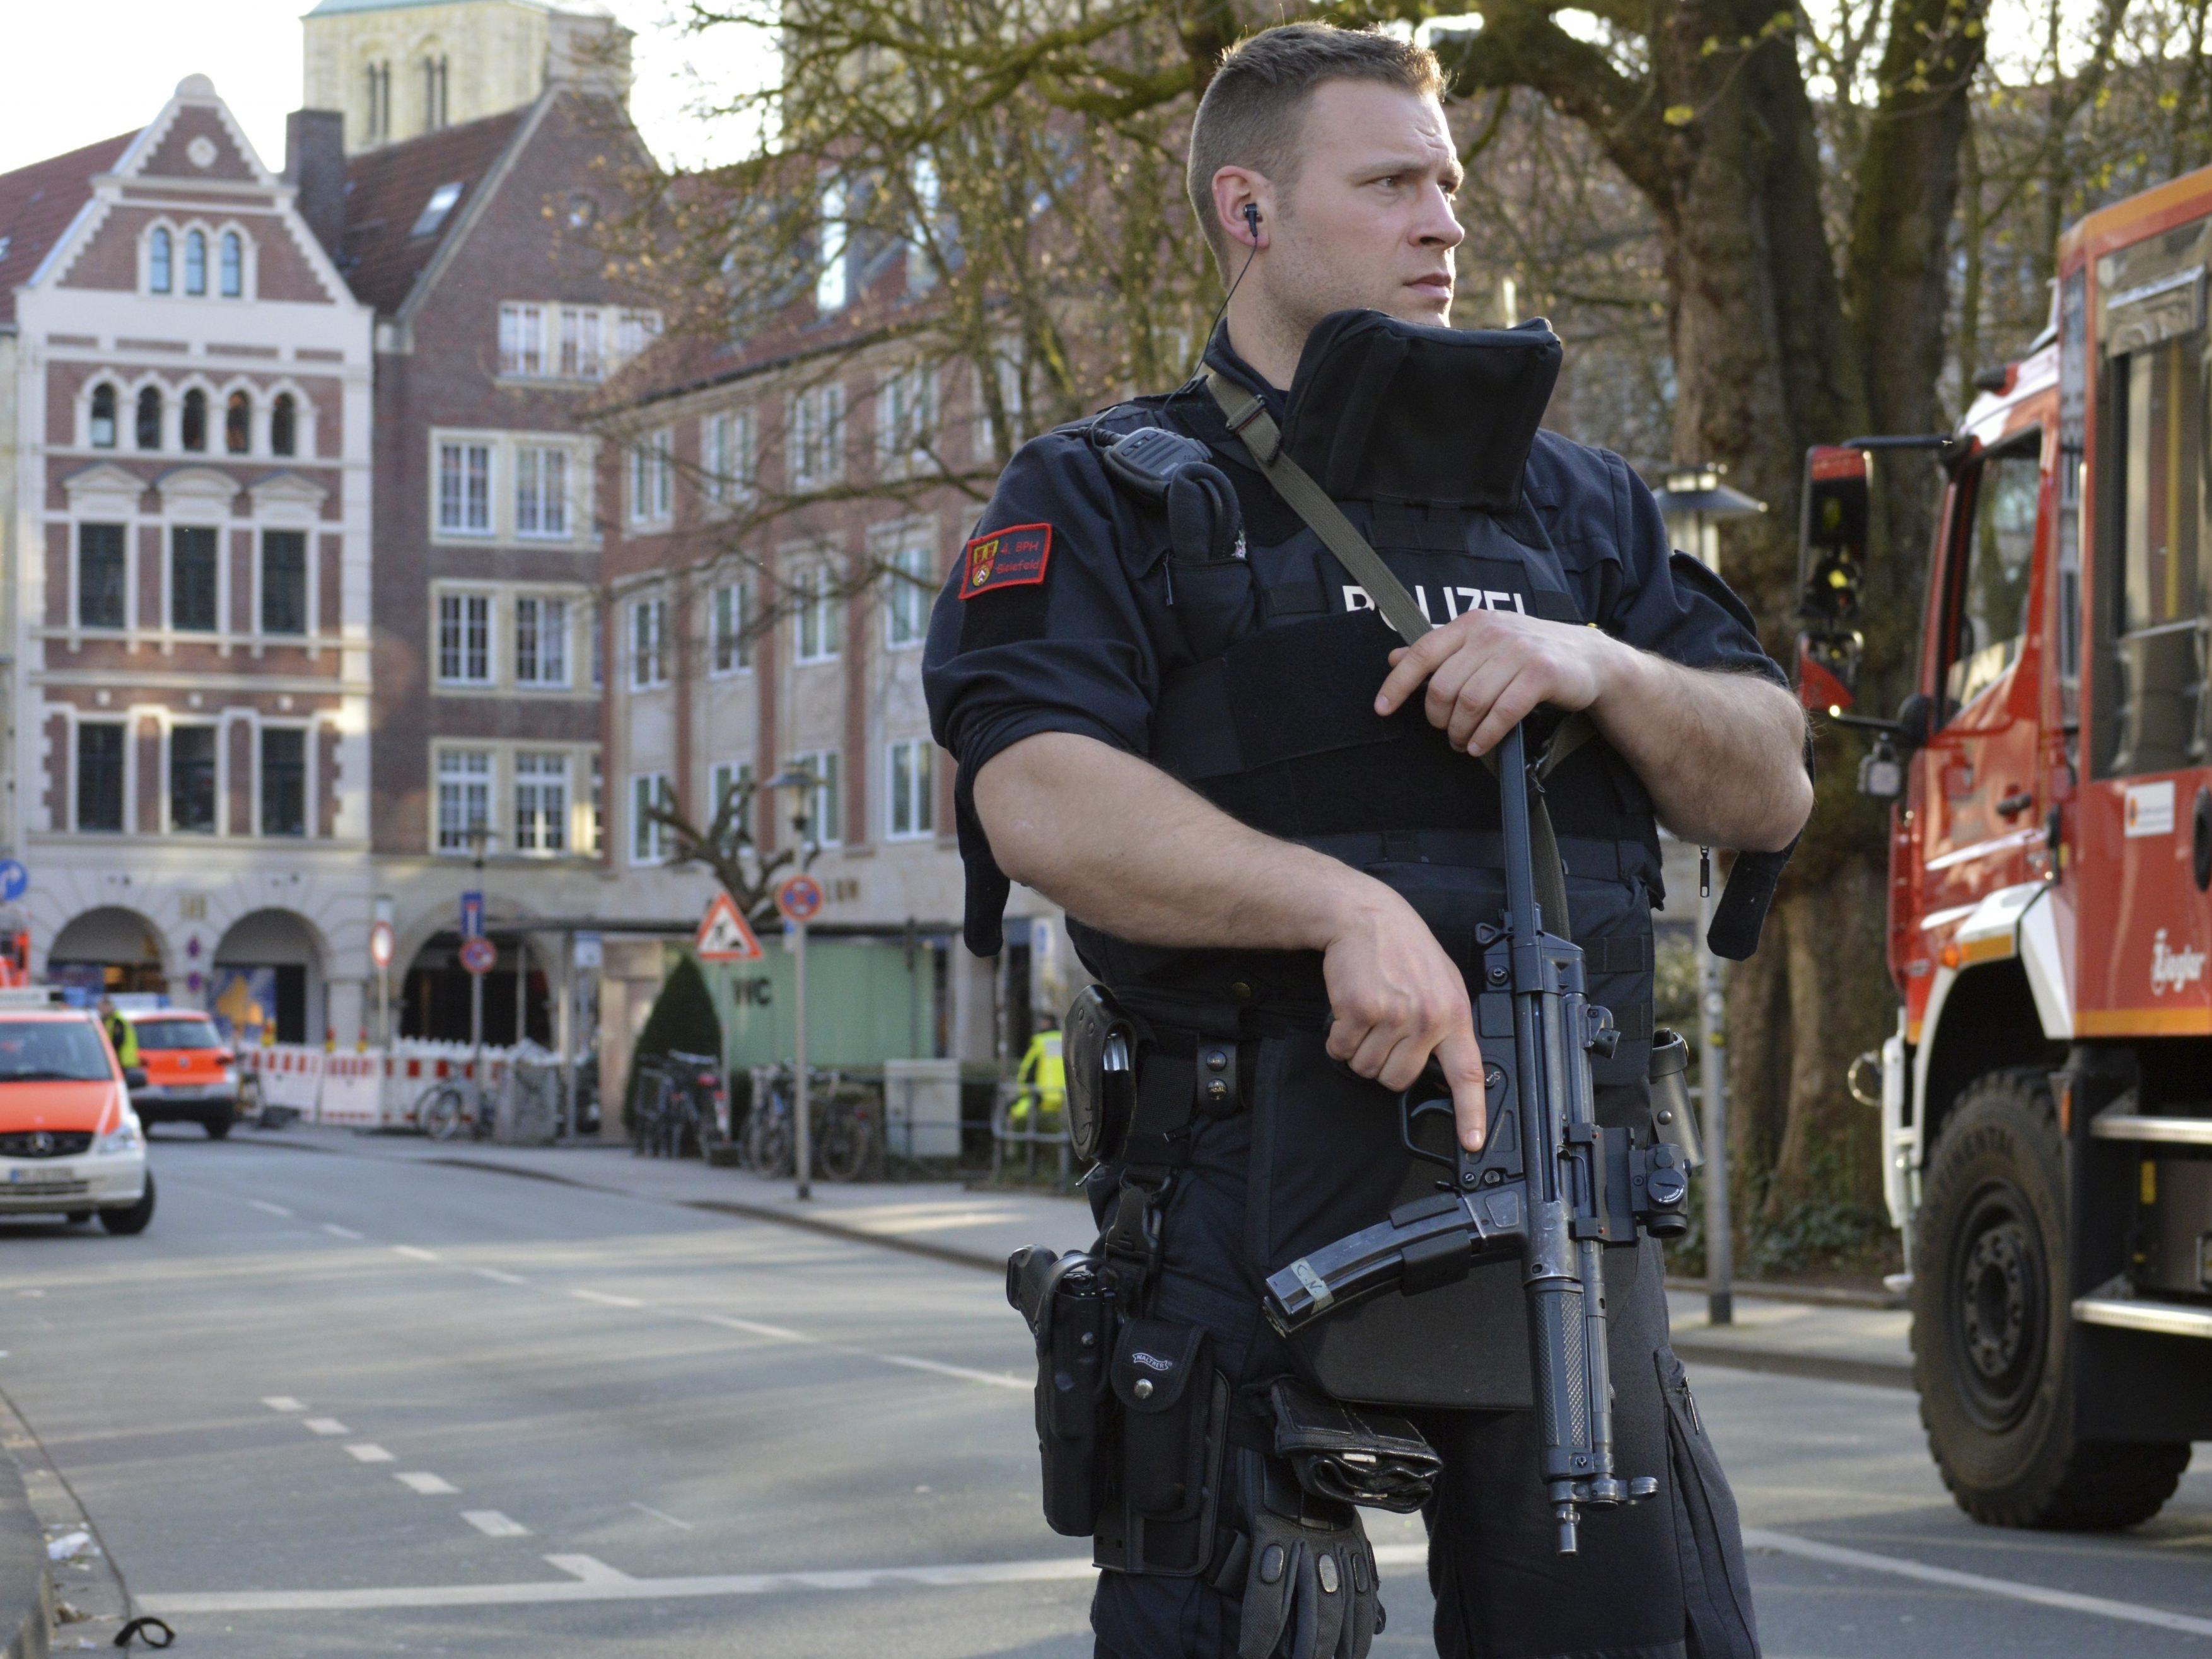 Drei Tote bei Lkw Attacke in Münster – Kein Terror